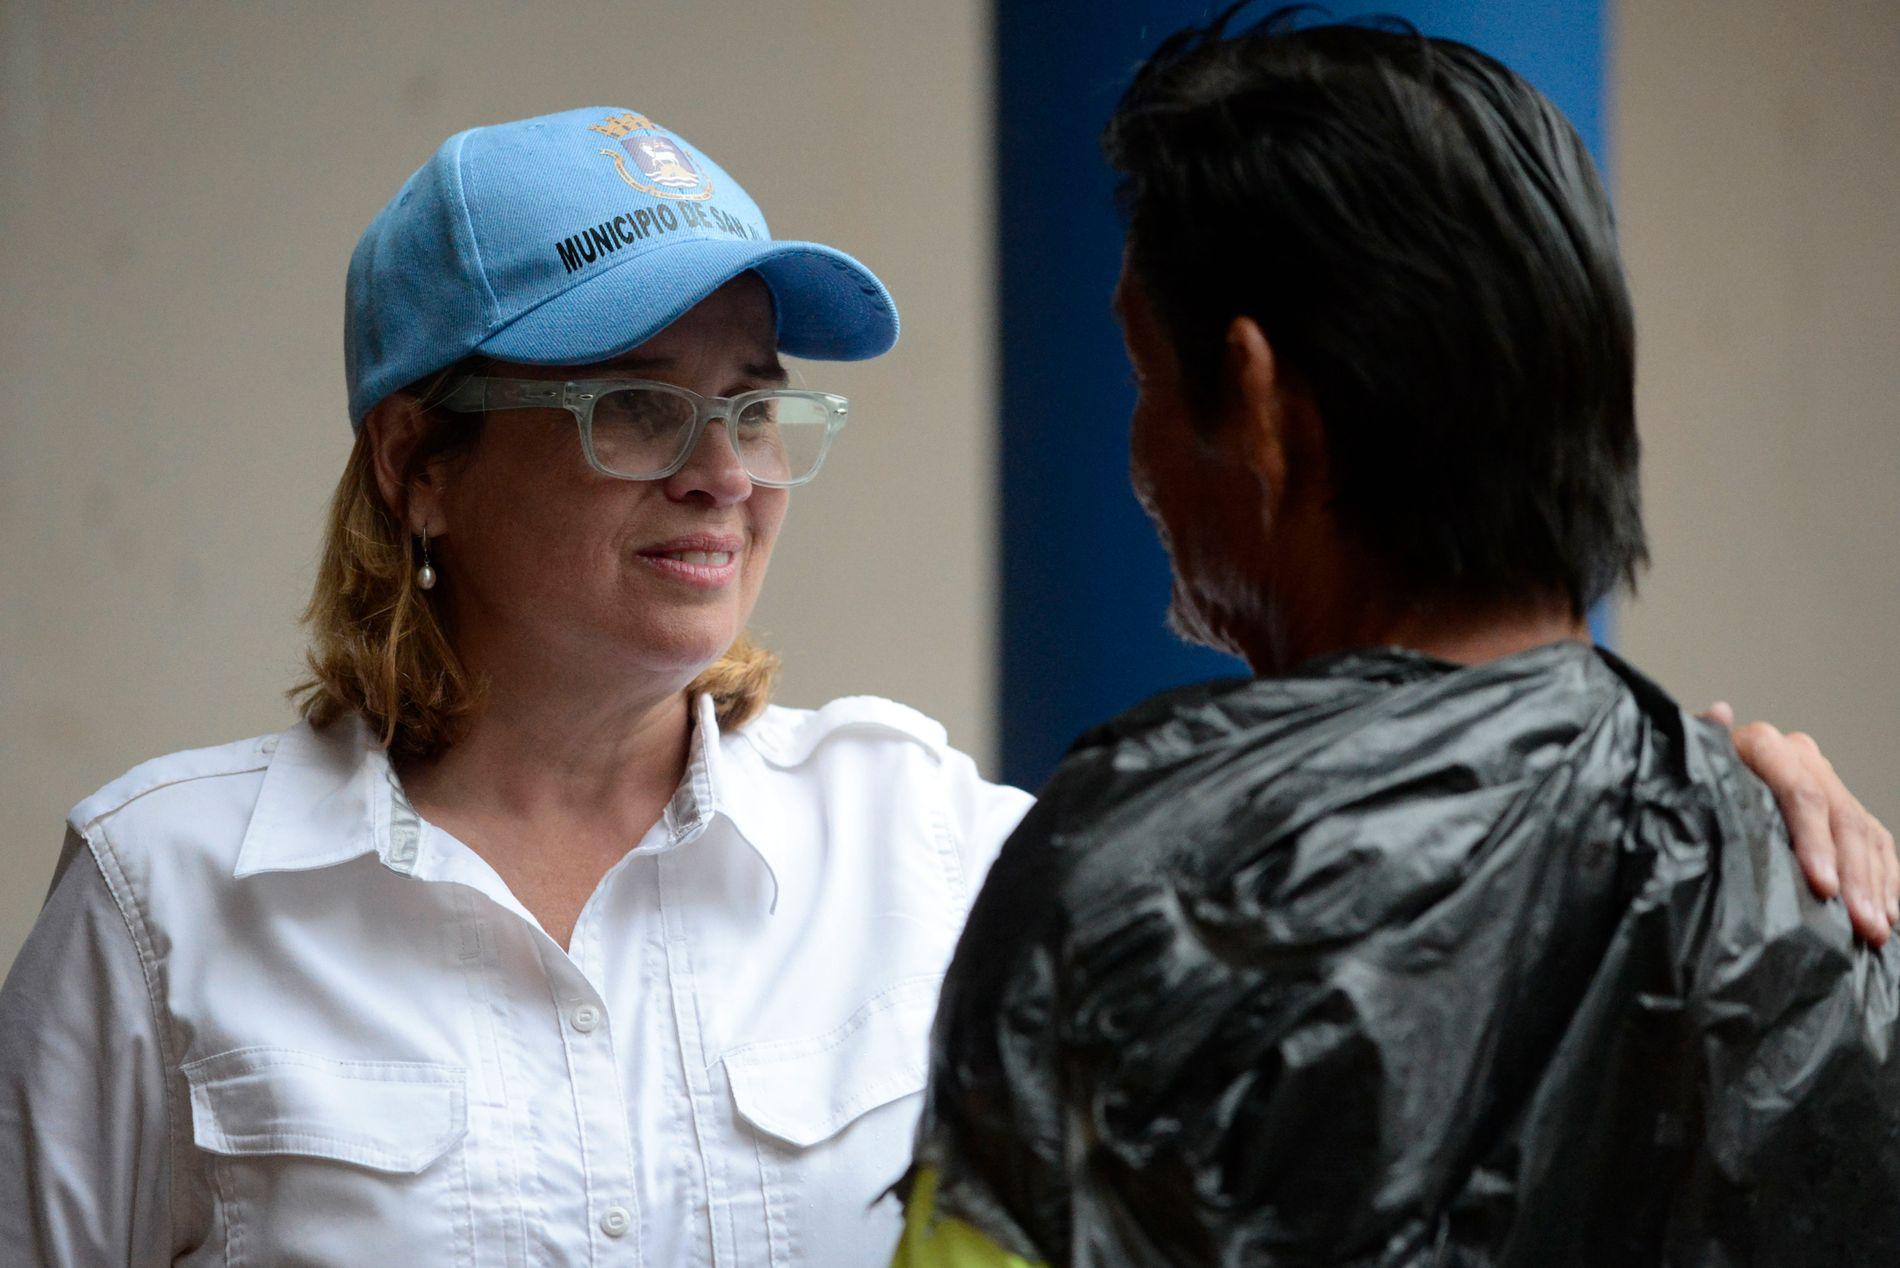 SVARER PÅ KRITIKKEN: Ordfører Carmen Yulin Cruz ber de føderale myndighetene om å gjøre det de kan for å dekke øybefolkningens behov for mat, vann og elektrisitet.Her snakker hun med en mann på et av sykehusene i San Juan på Puerto Rico. Foto: Carlos Giusti / AÅ / NTB scanpix